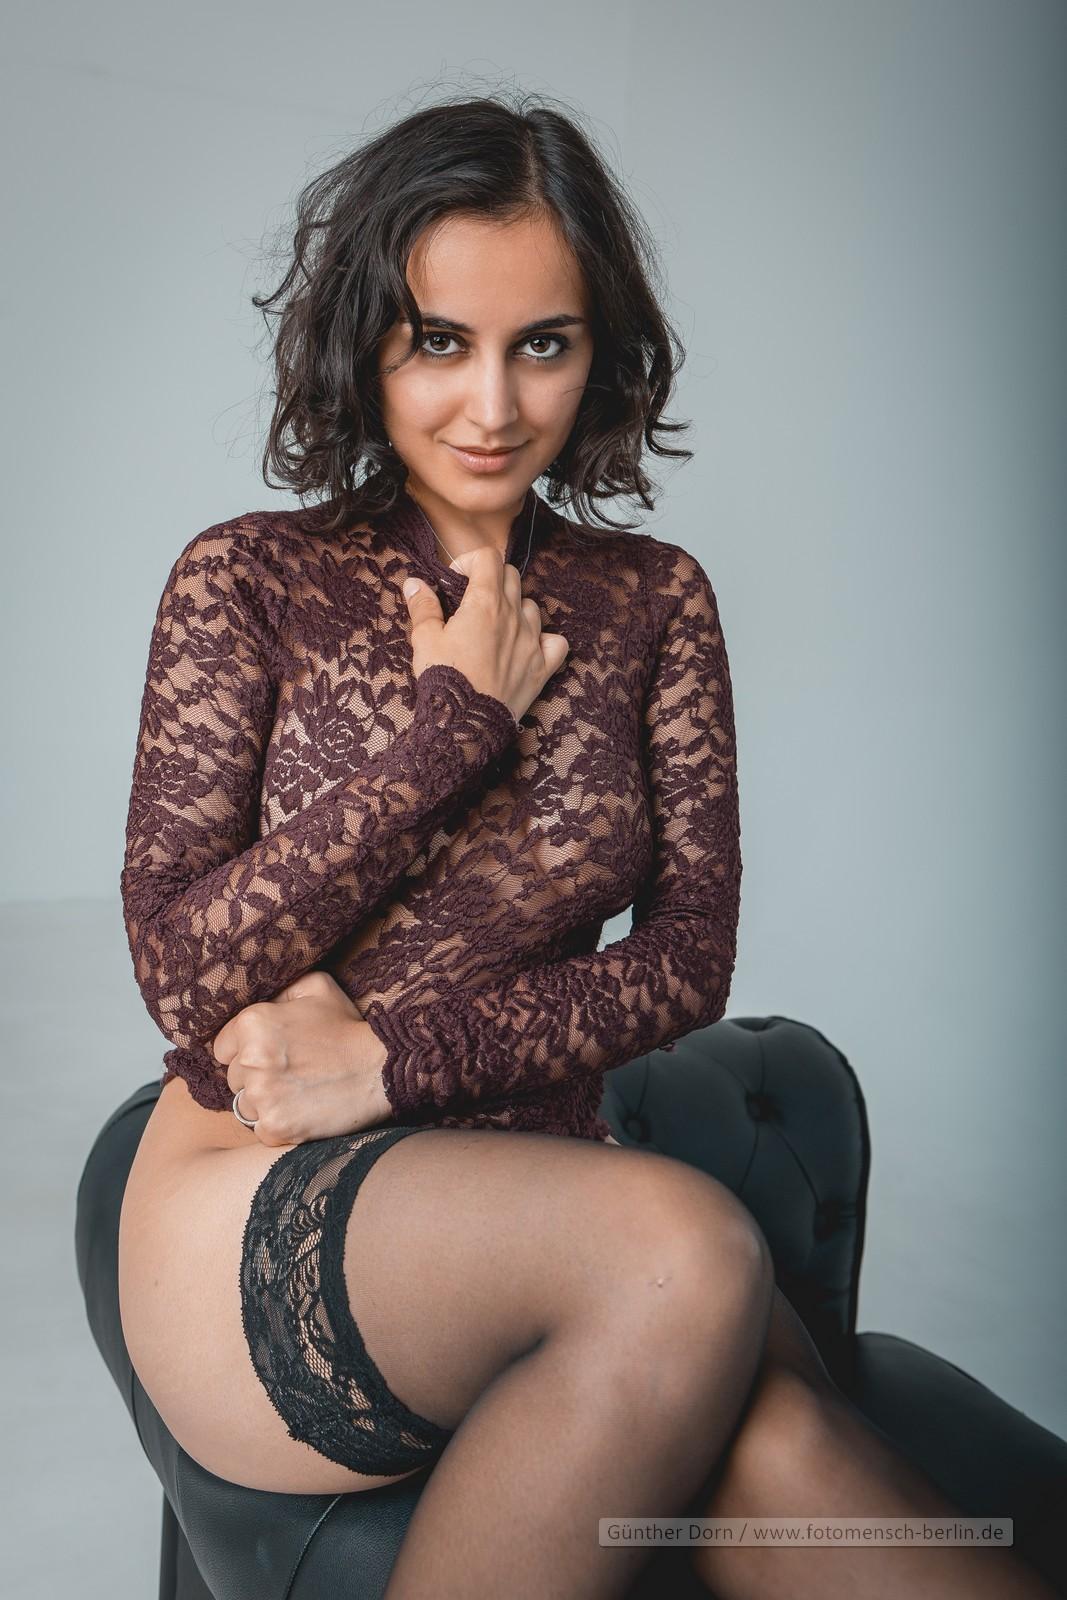 Yasmeena auf der Couch in burgund